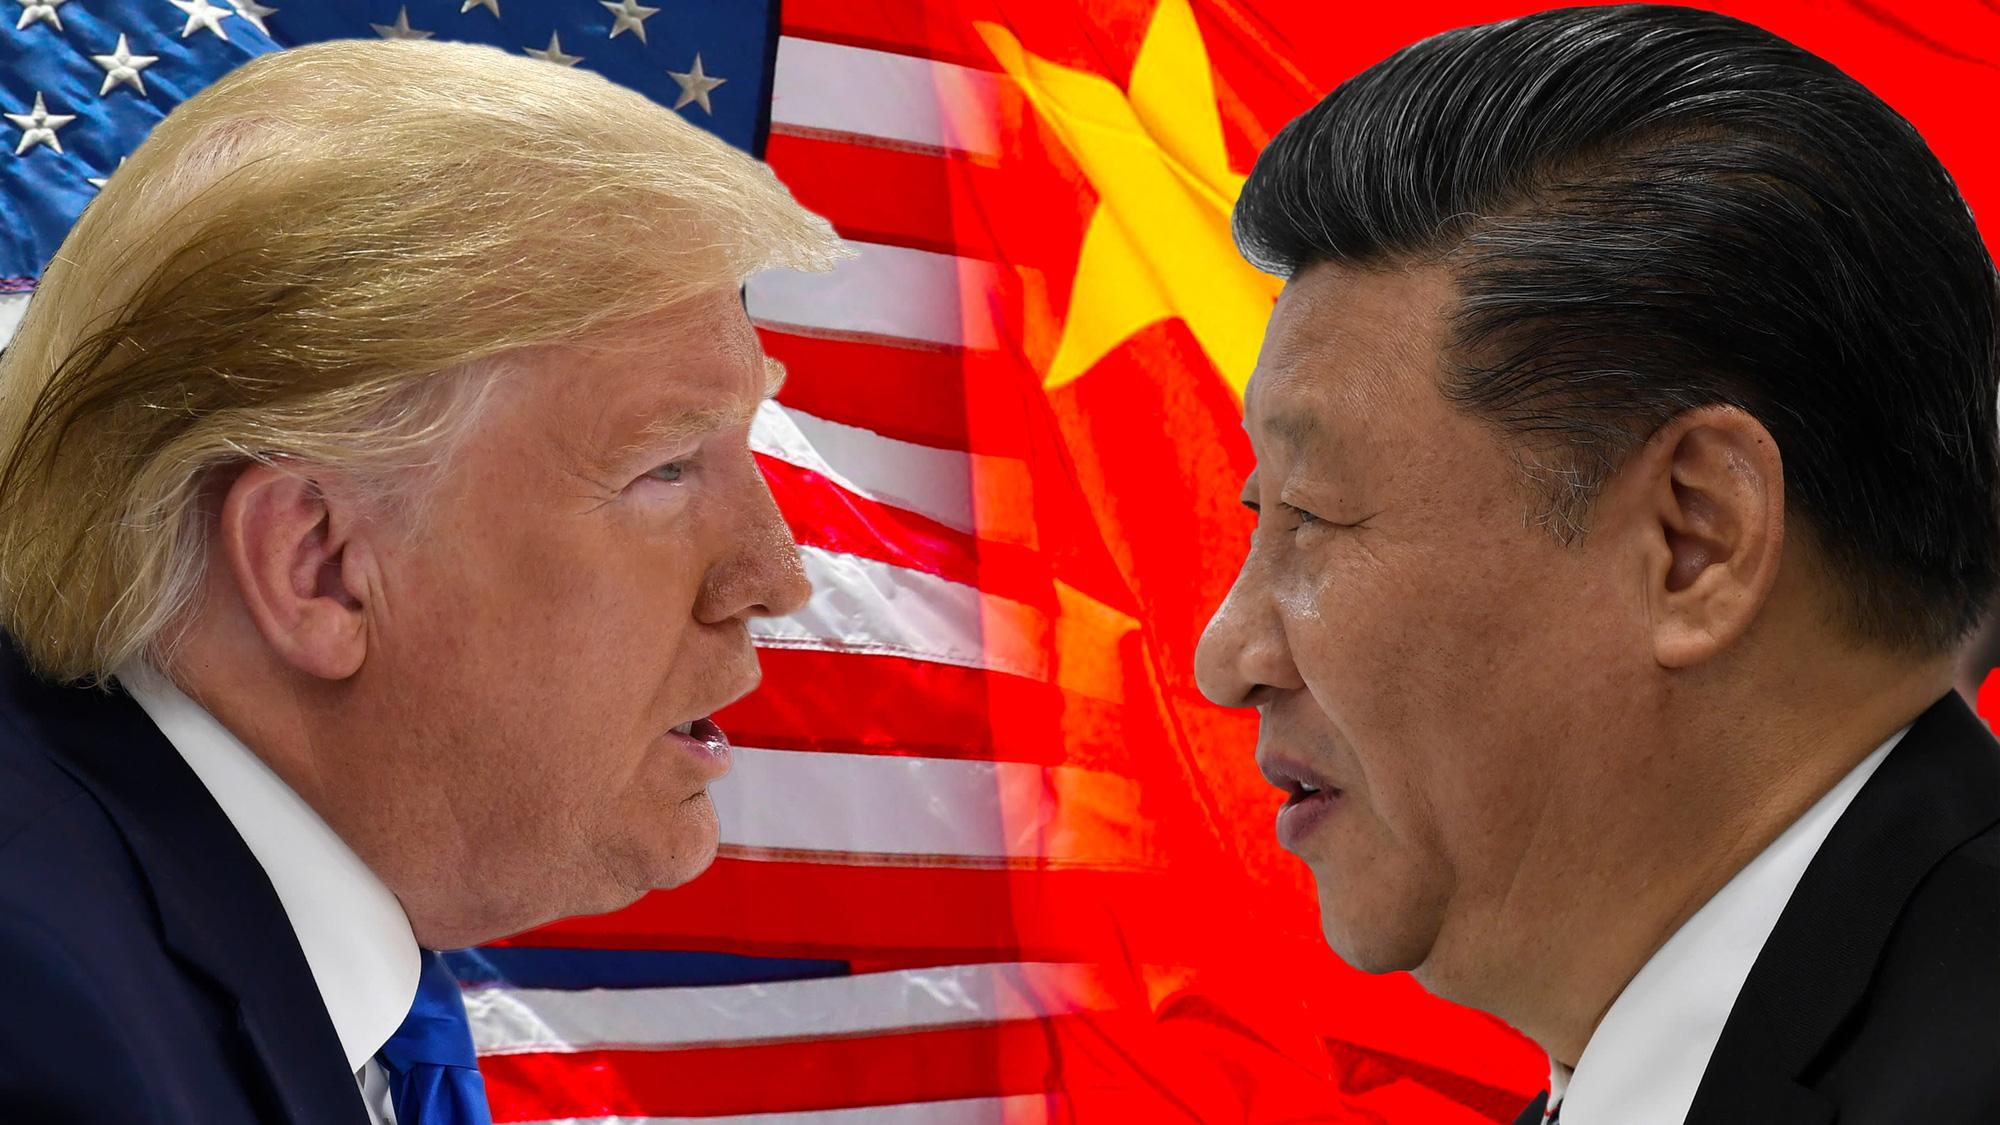 Biết TQ khó thực hiện cam kết, vì sao chính quyền Trump cố duy trì thỏa thuận Mỹ - Trung? - Ảnh 1.